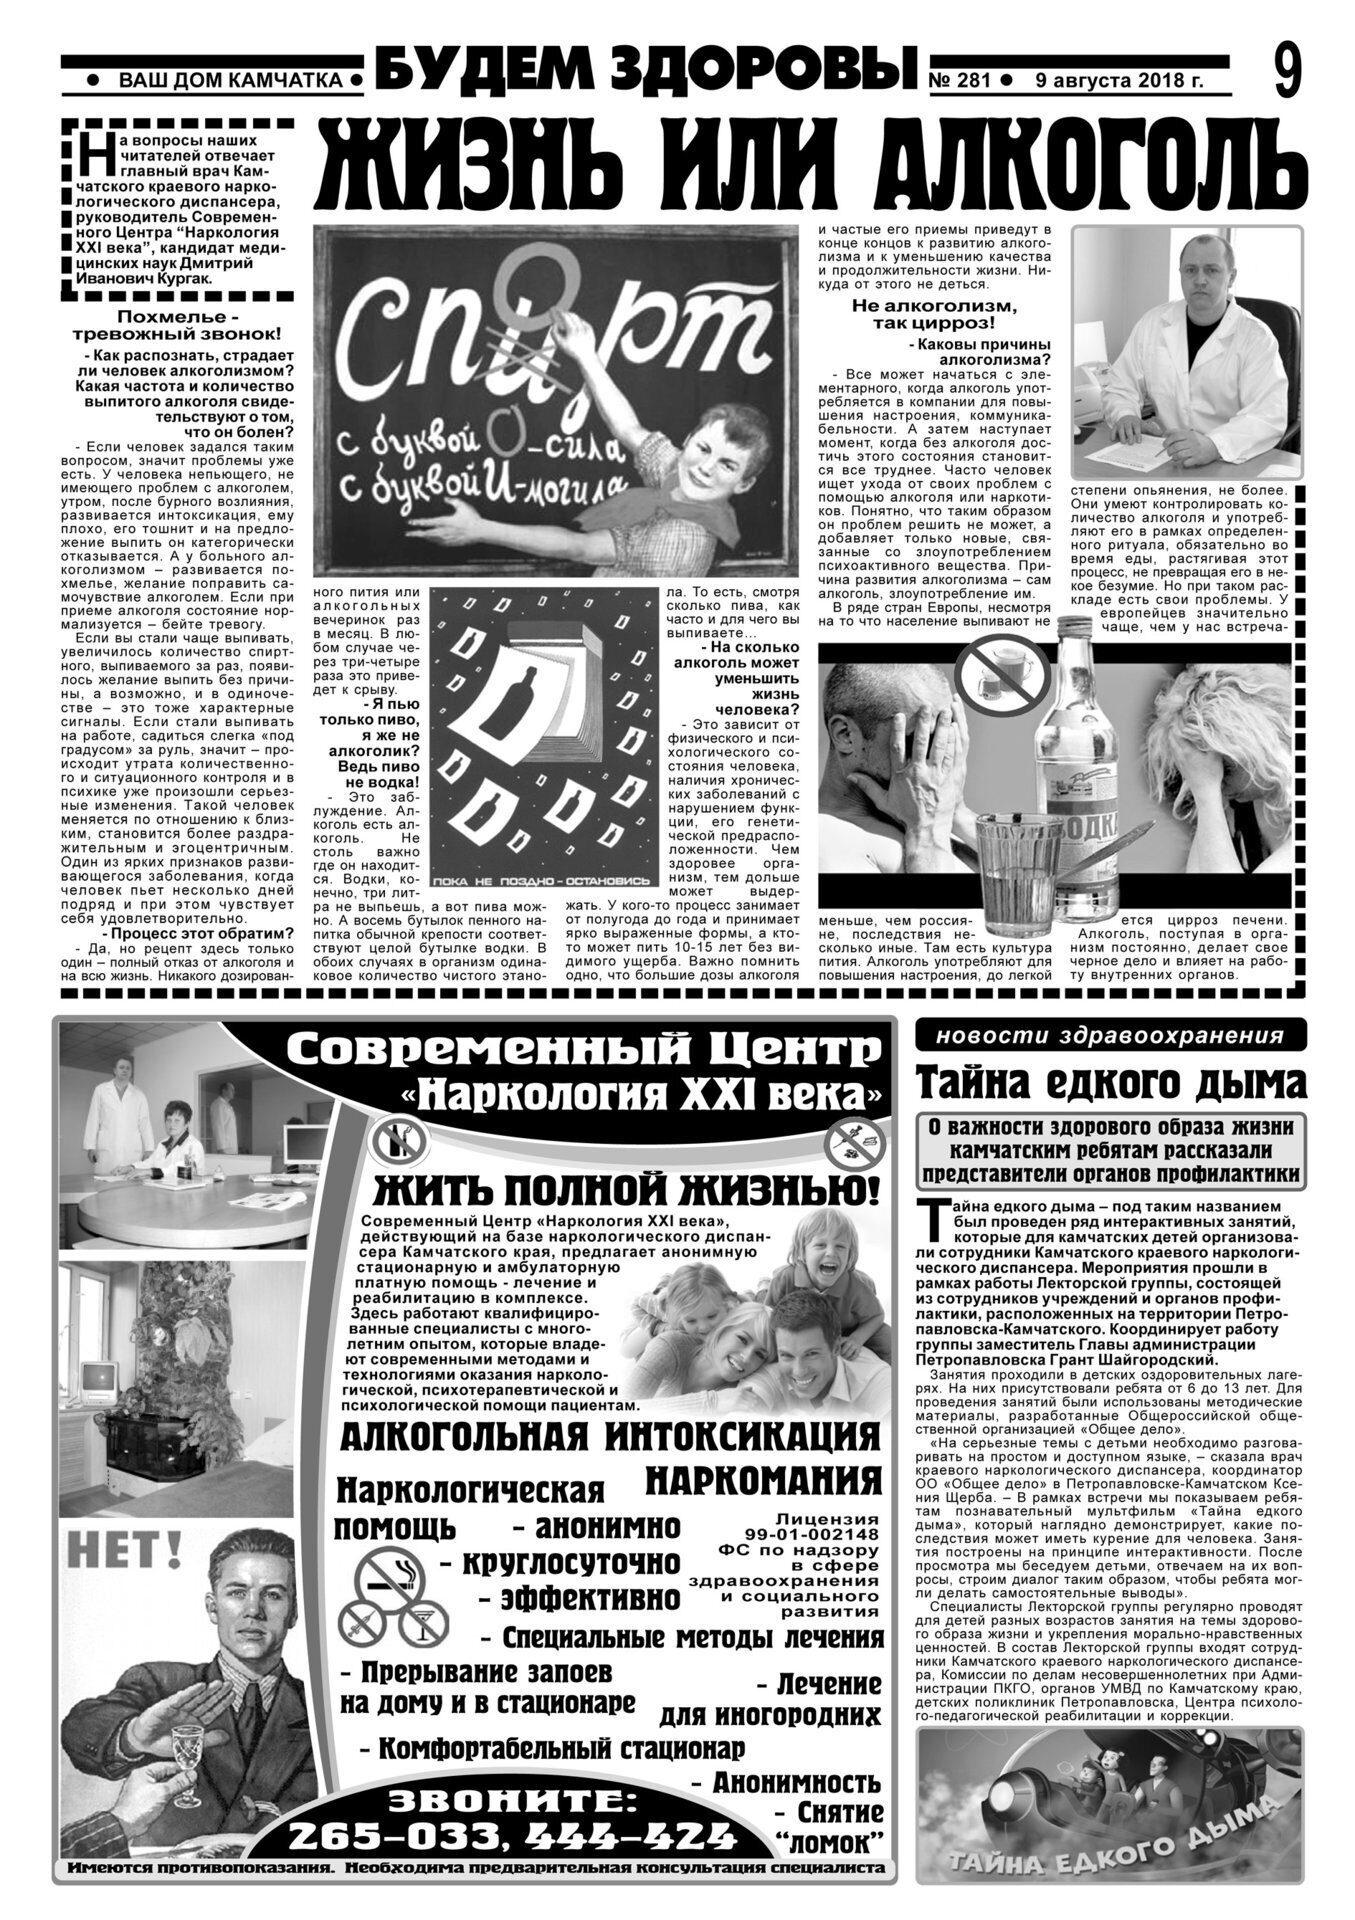 Публикация в газете Ваш Дом Камчатка №281